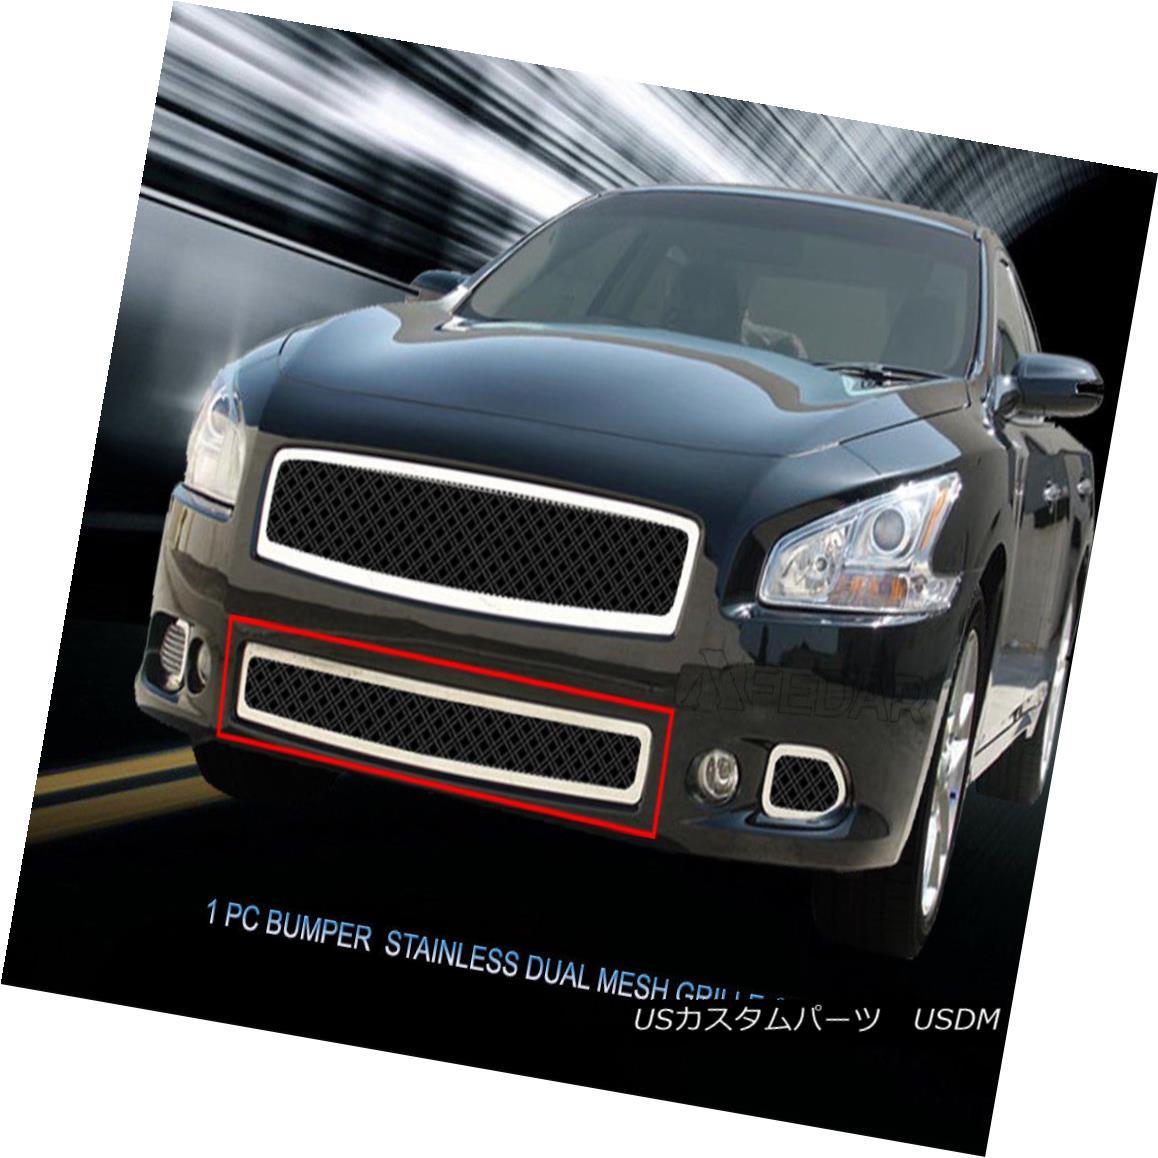 グリル Fits 2009-2014 Nissan Maxima Stainless Dual Black Wire Bumper Mesh Grille Fedar フィット2009-2014日産マキシマステンレスデュアルブラックワイヤーバンパーメッシュグリルフェザー